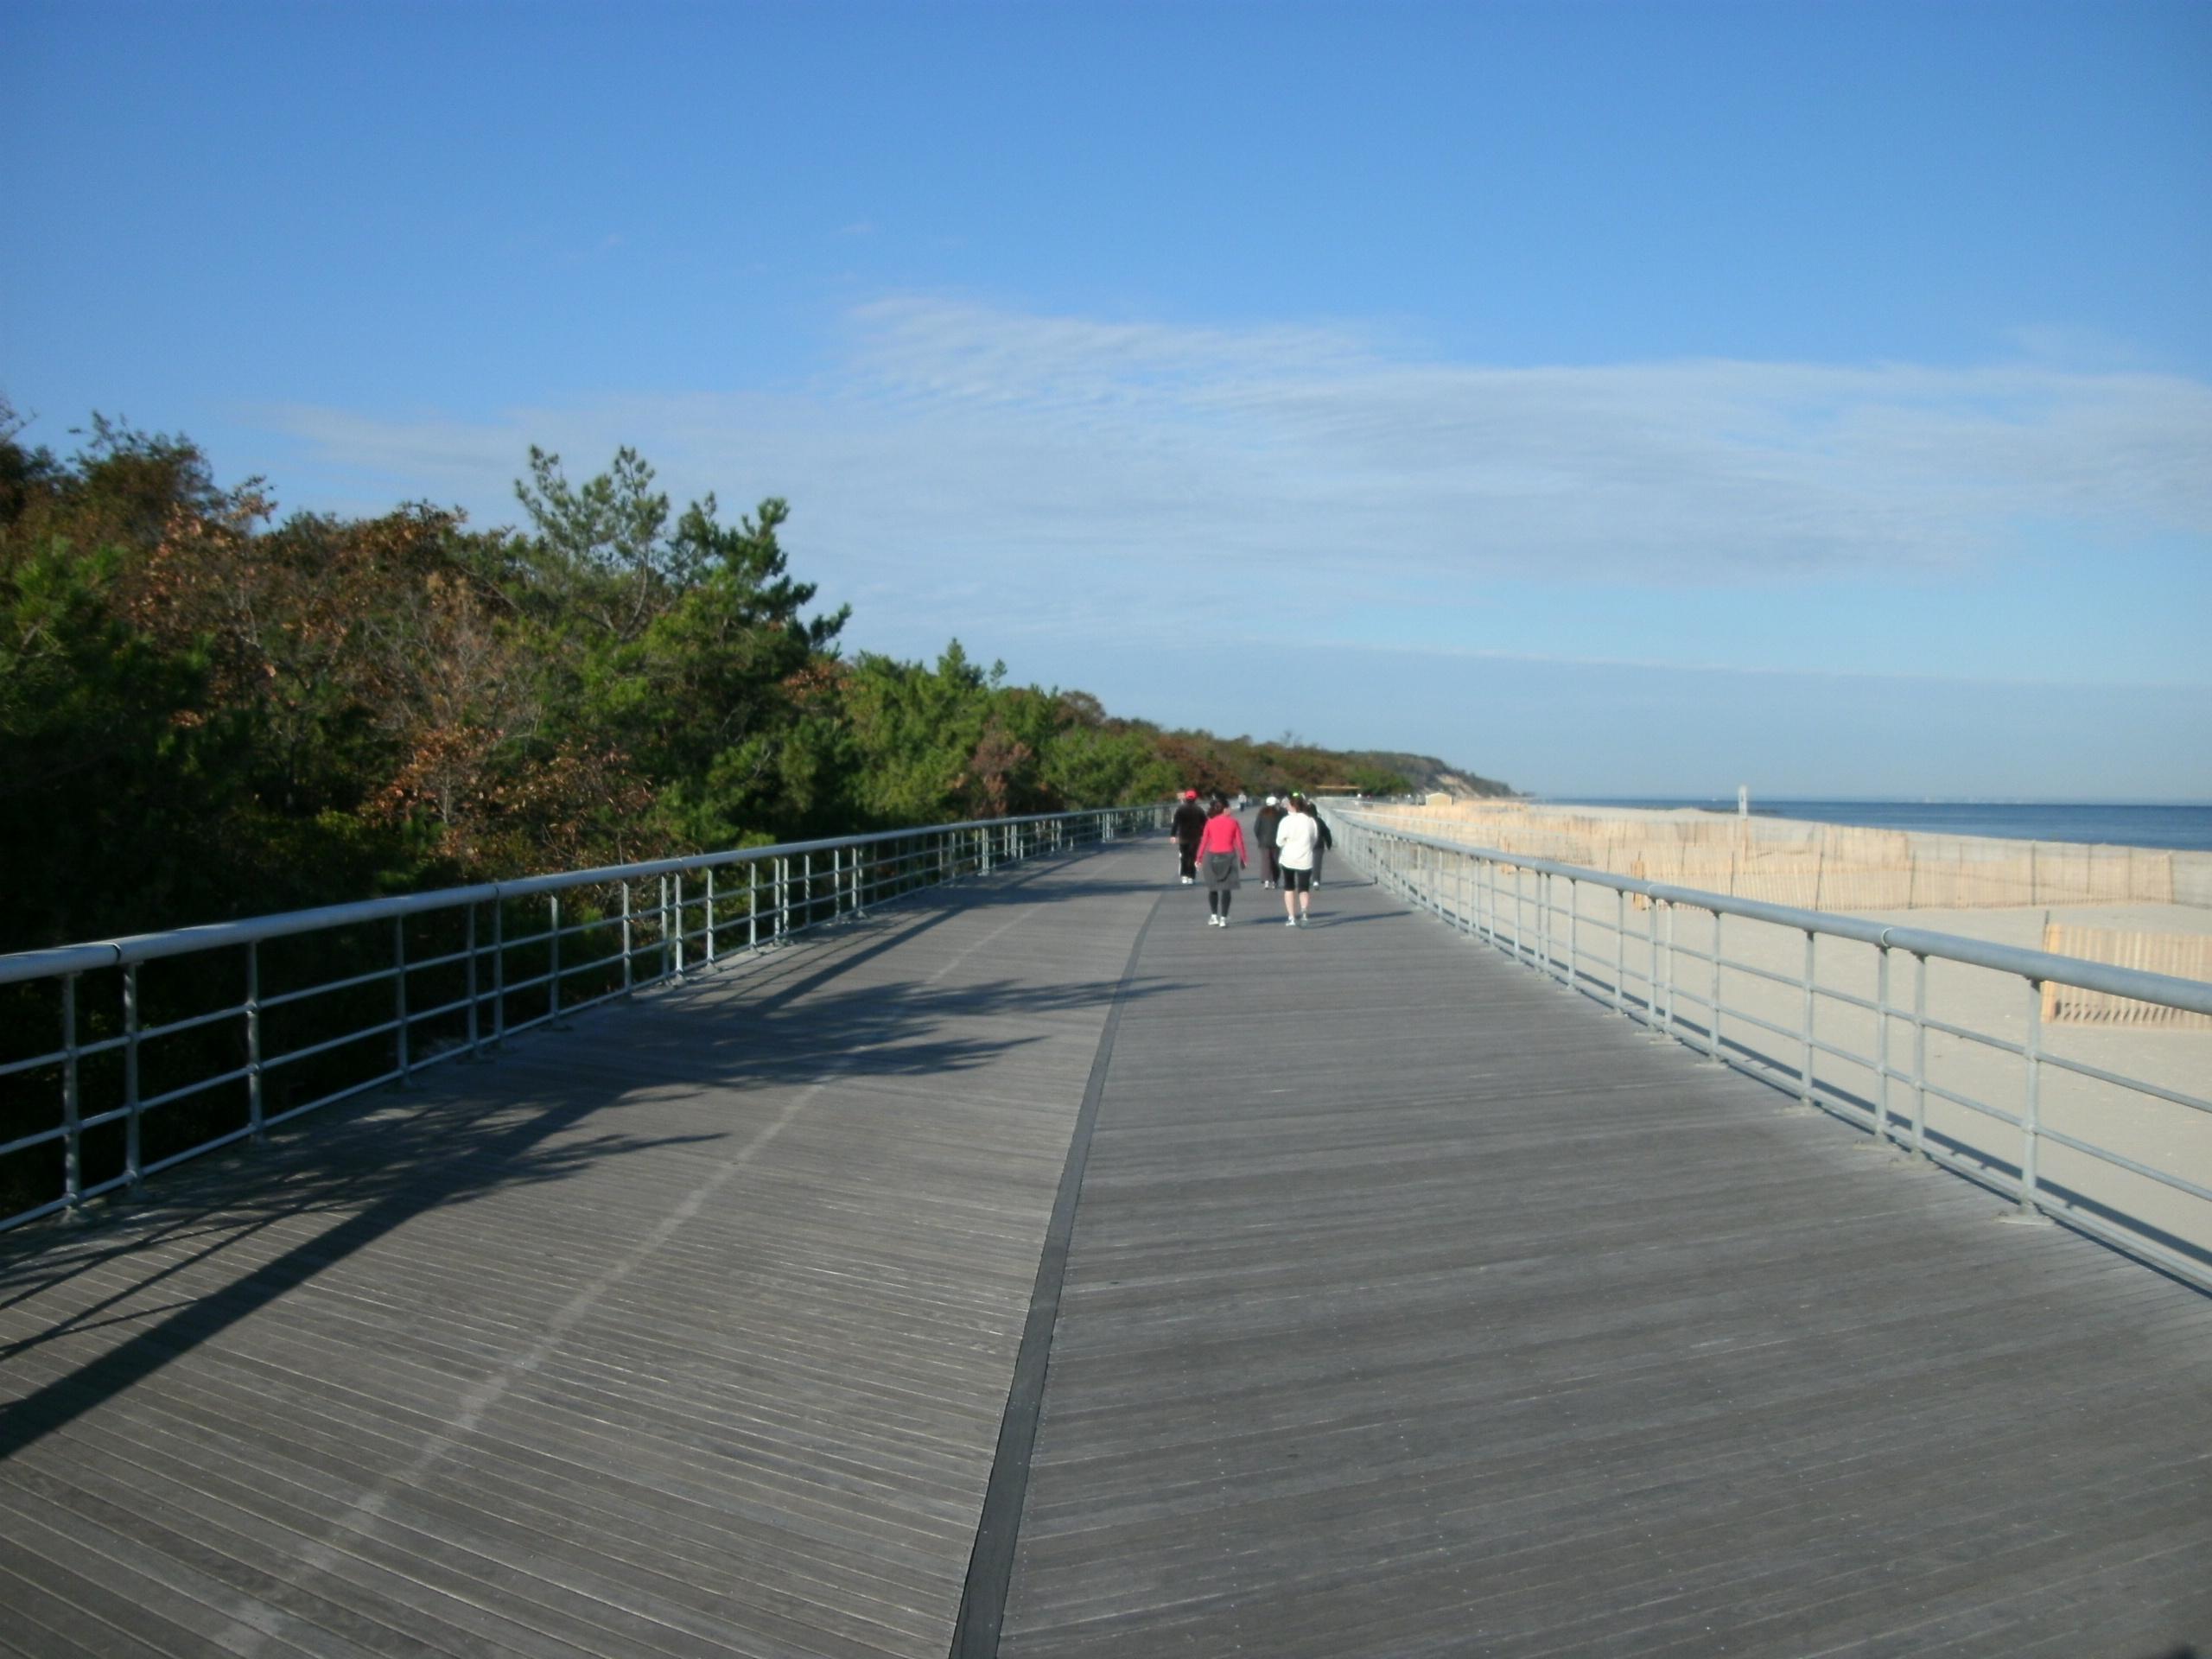 Kāpas un pludmale Sunken Meadow State parkā, Kings Parka, Ņujorkas štats